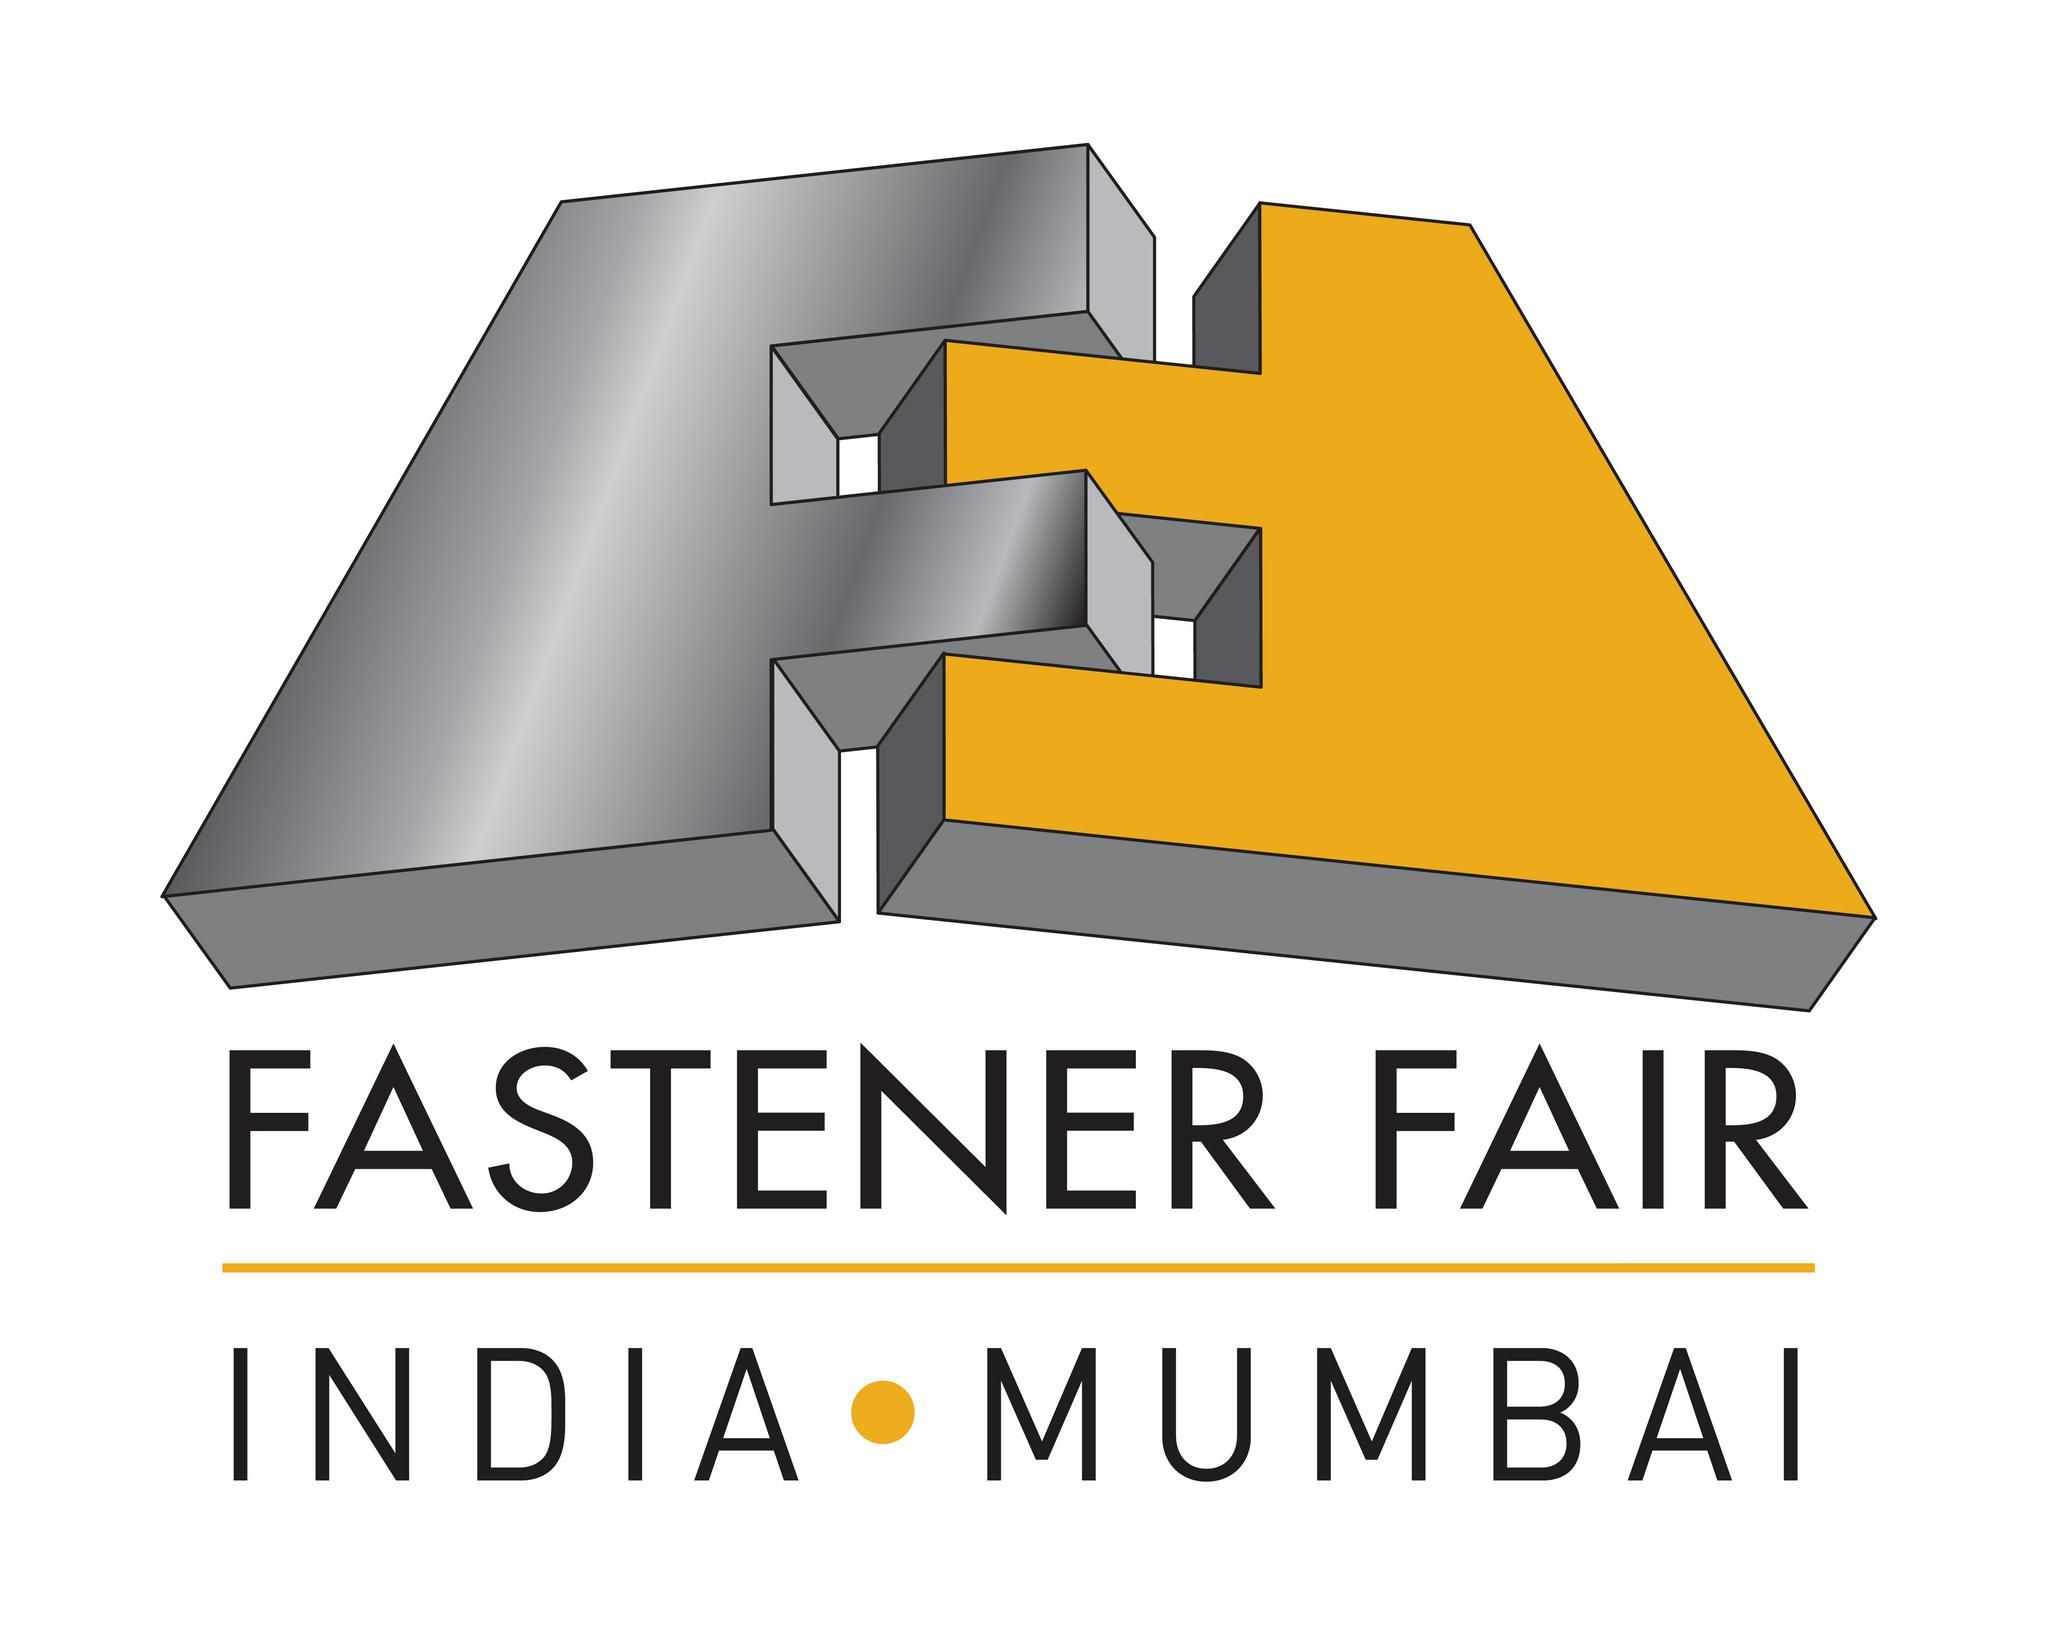 Fastener Fair India